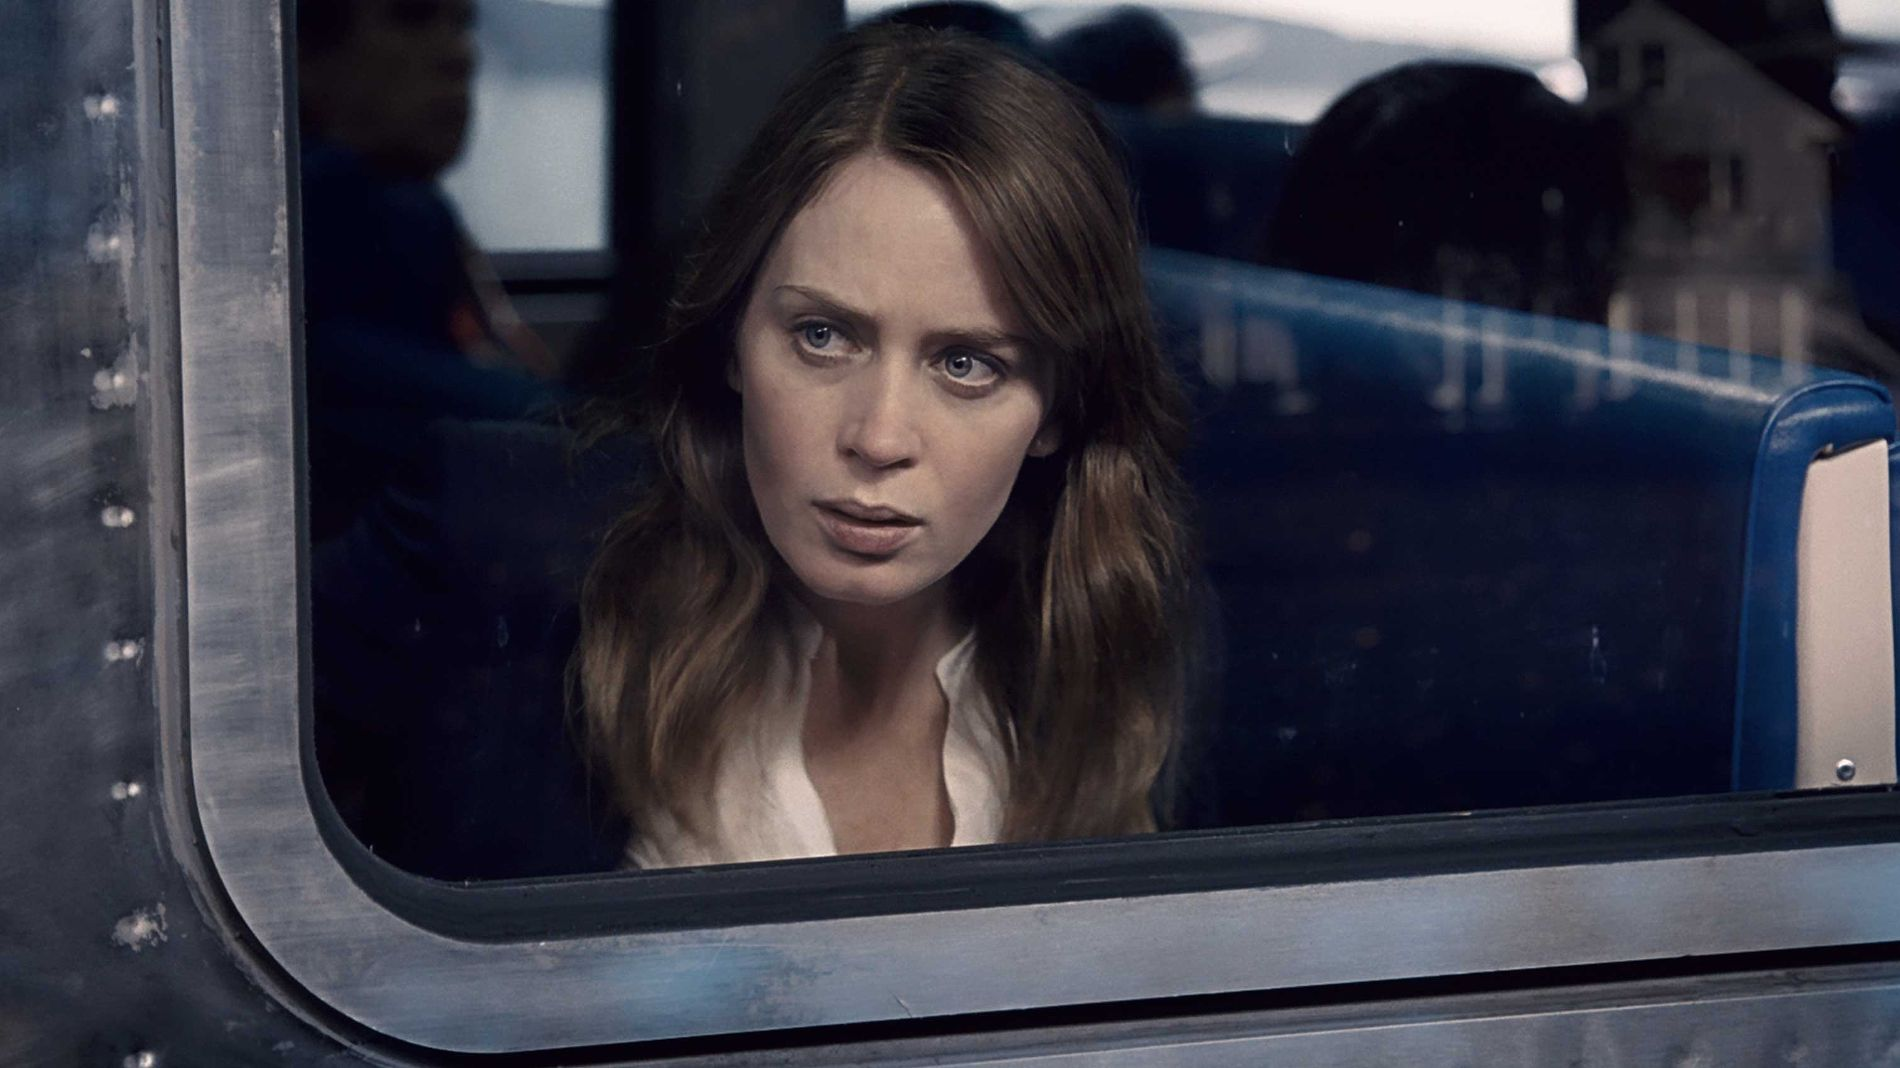 Девушка в поезде 2016 смотреть онлайн бесплатно в